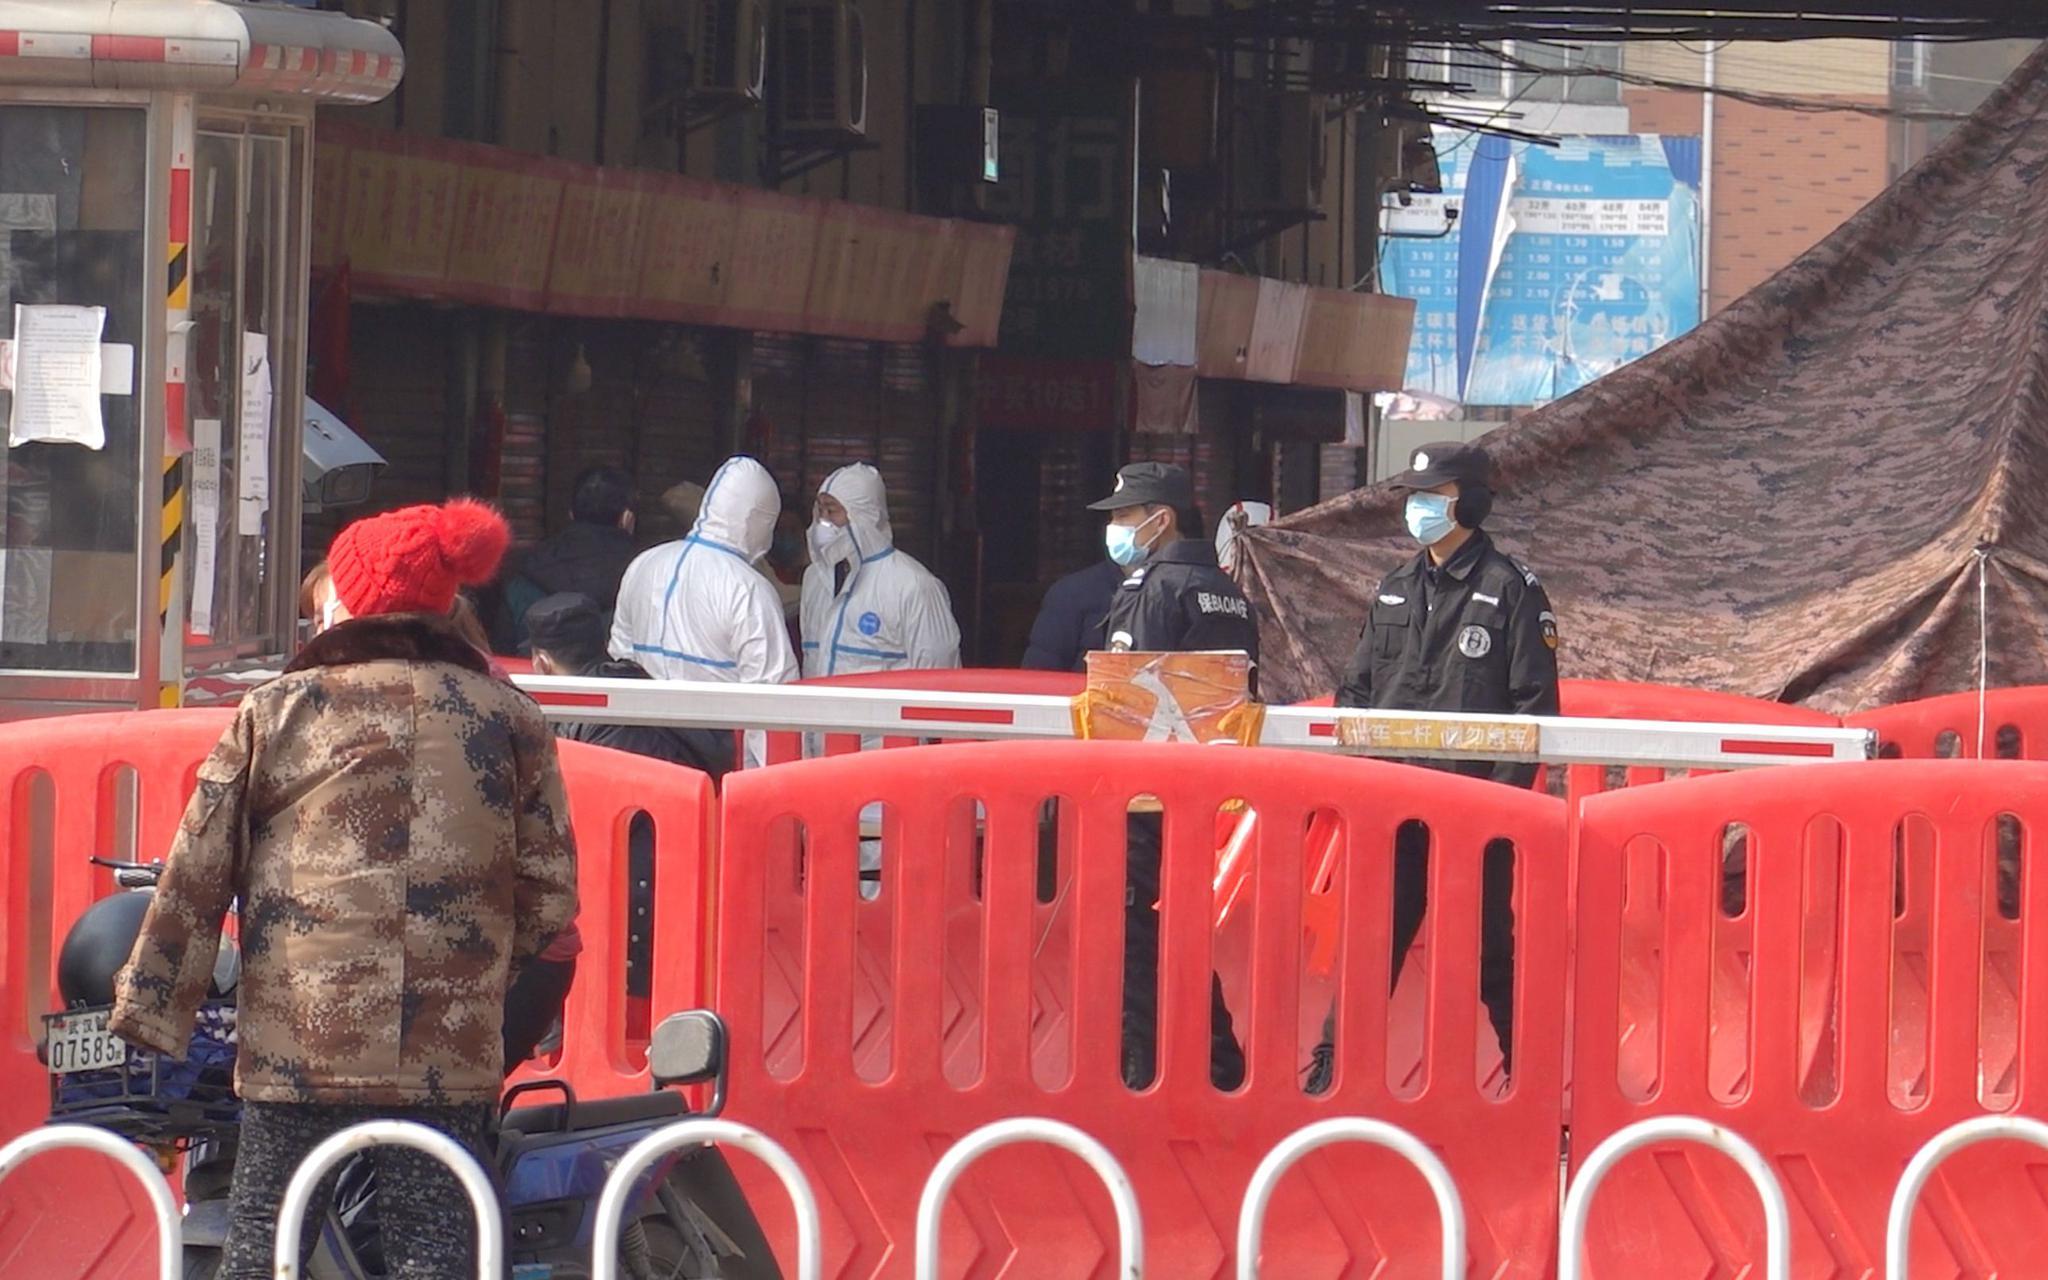 1月20日上午,武汉华南海鲜市场内,多身穿白色防护服的工作人员正在进行防疫工作。新京报记者游天燚摄